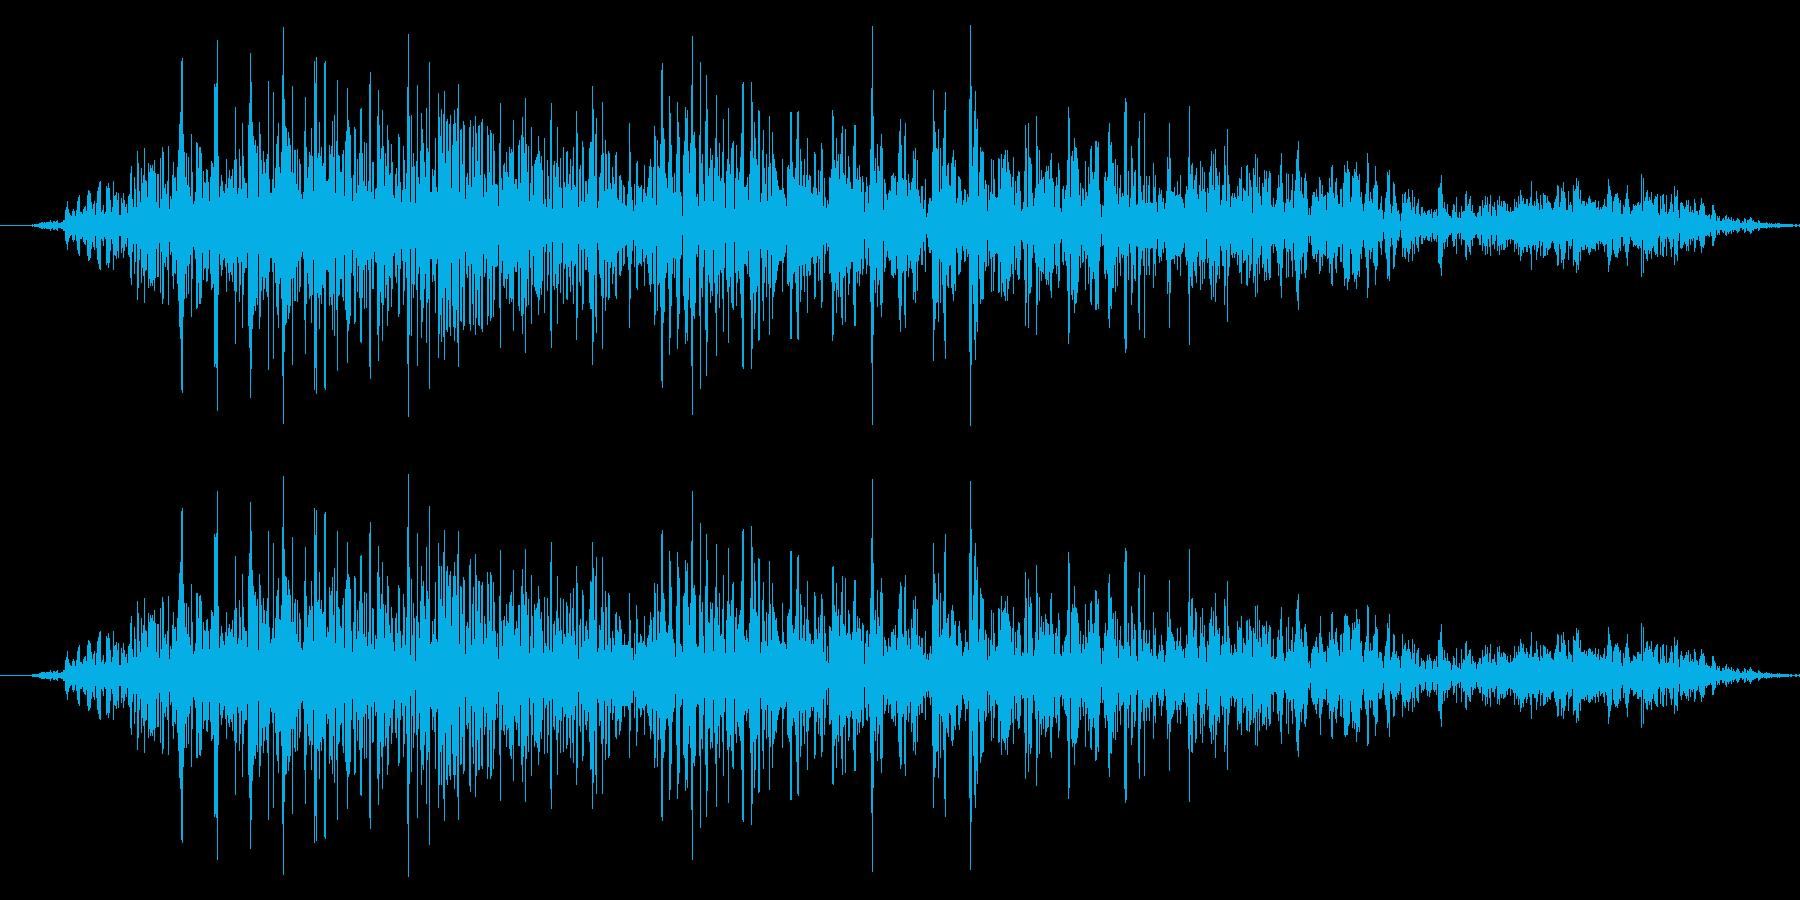 ドラゴン モンスター キャラタップ 困惑の再生済みの波形